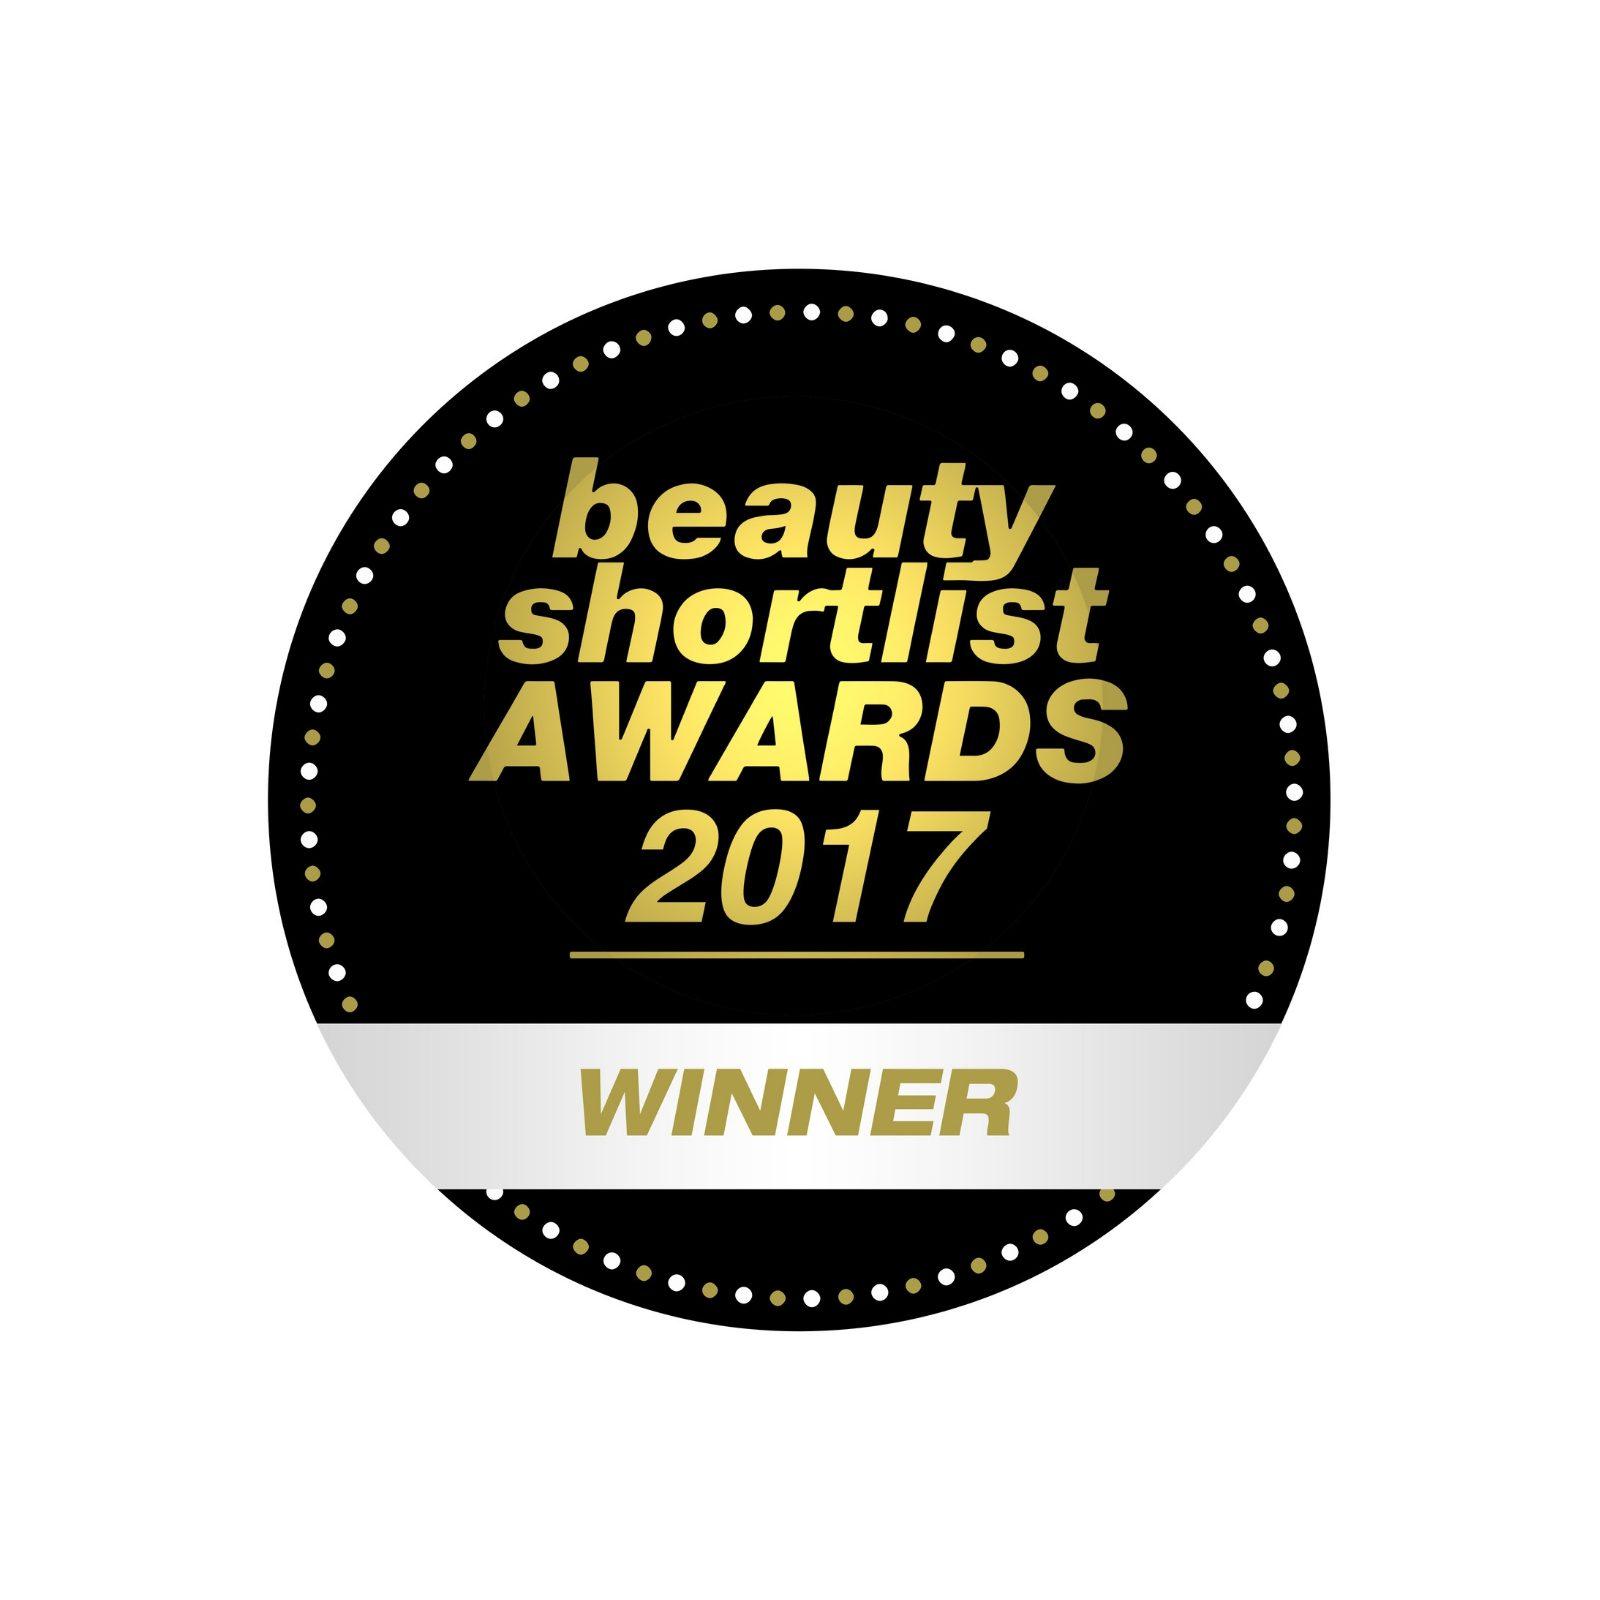 beauty shortlist winner logo